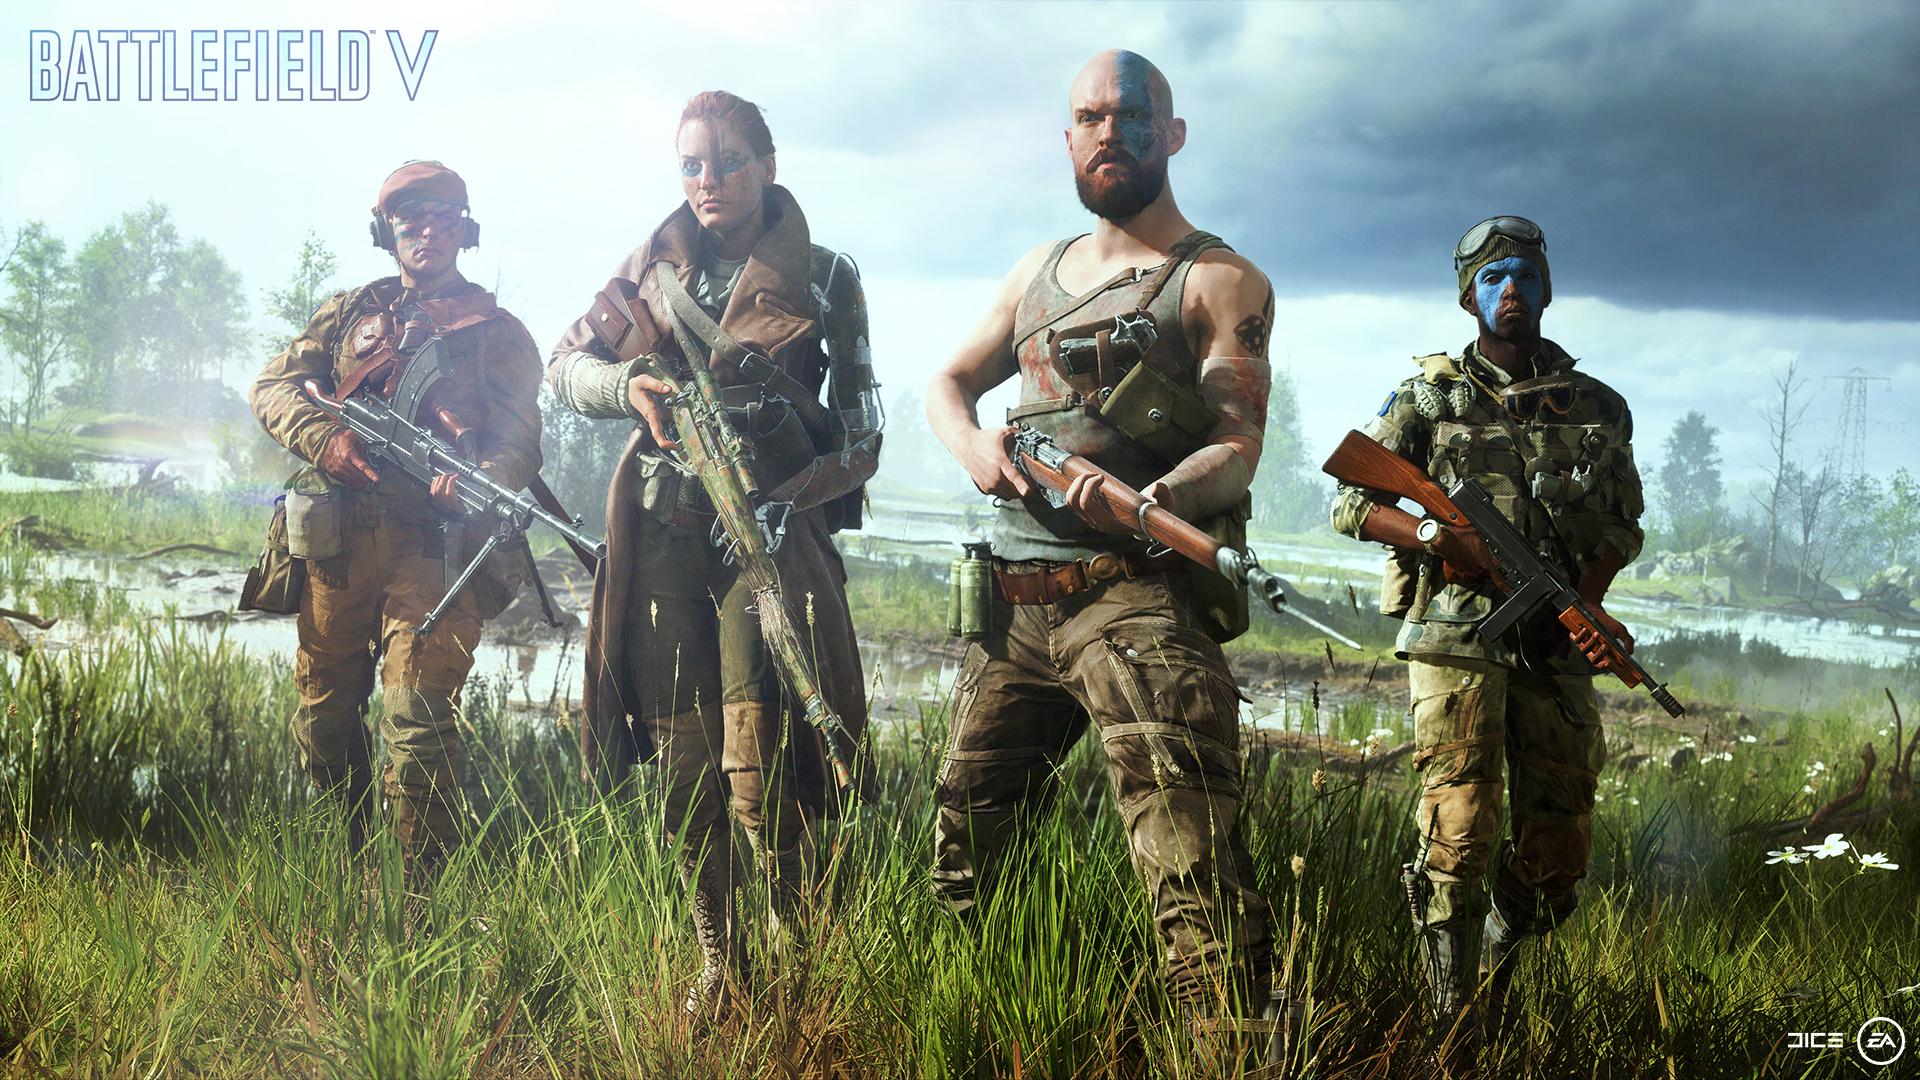 Battlefield V retrasa su lanzamiento un mes y saldrá en noviembre: ¿problemas o estrategia?